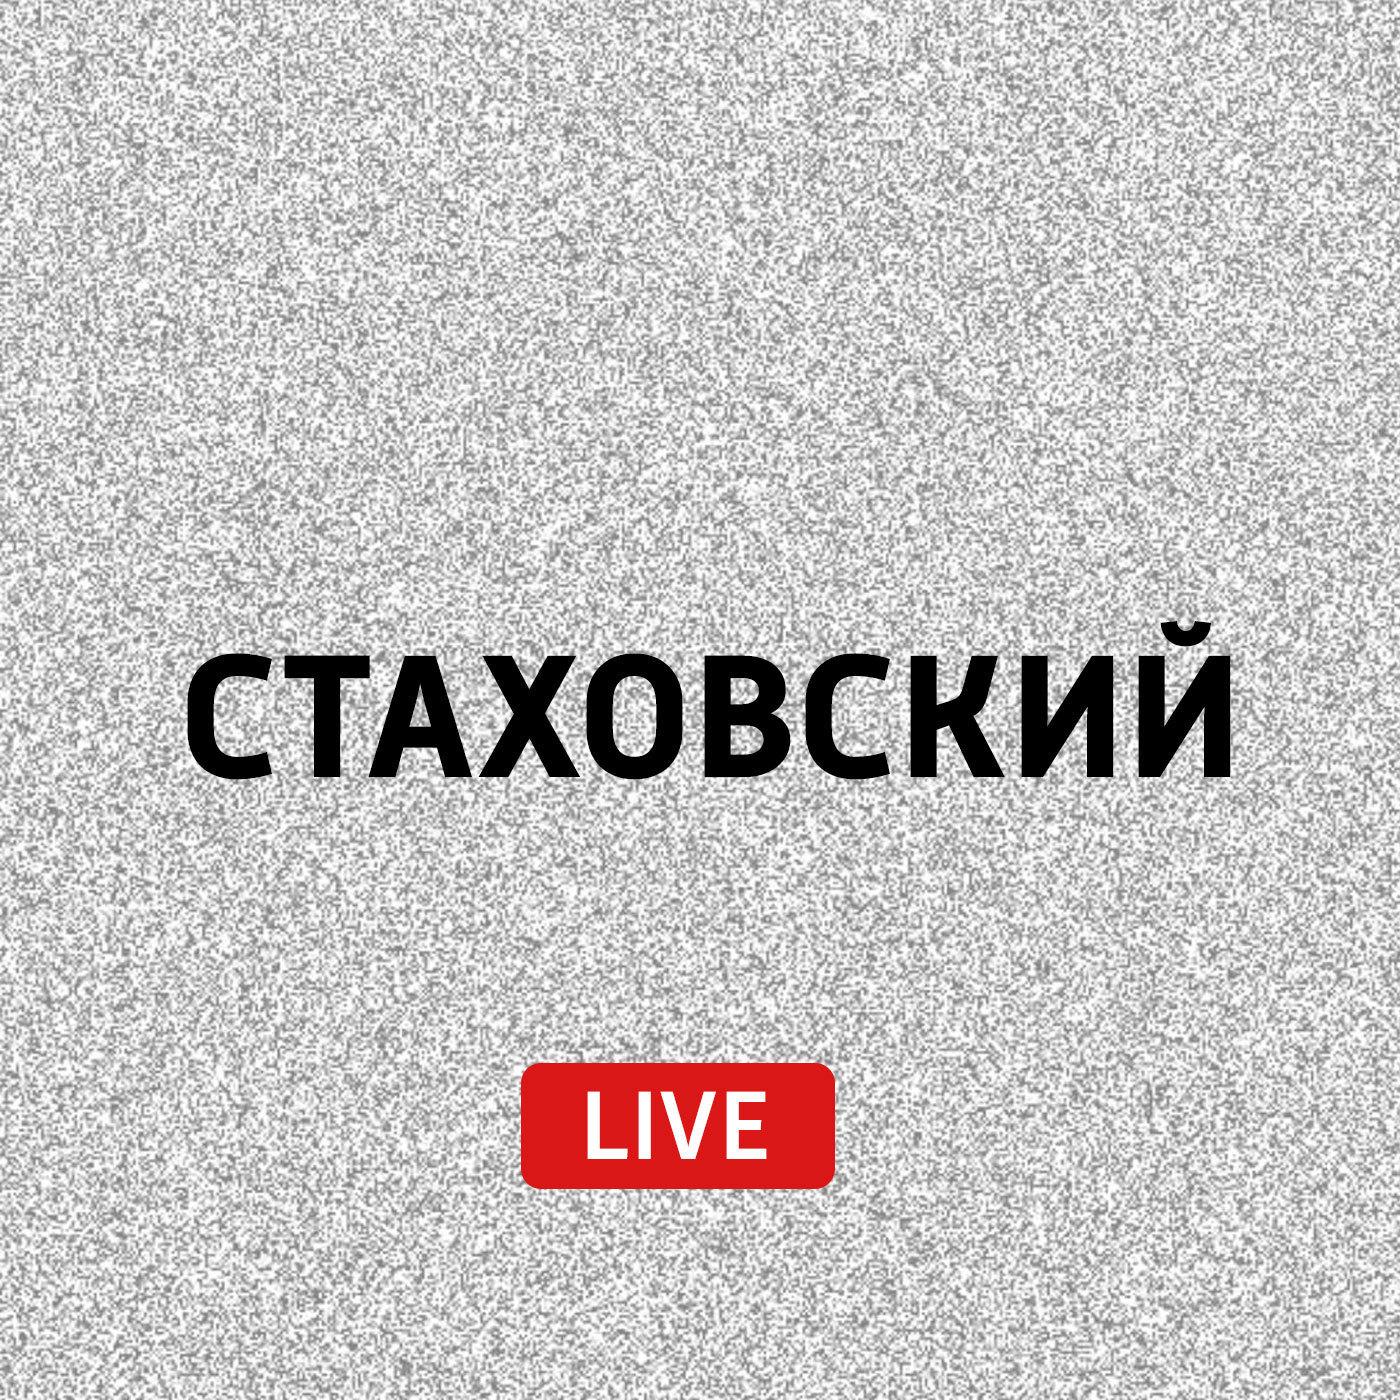 Евгений Стаховский Википедия